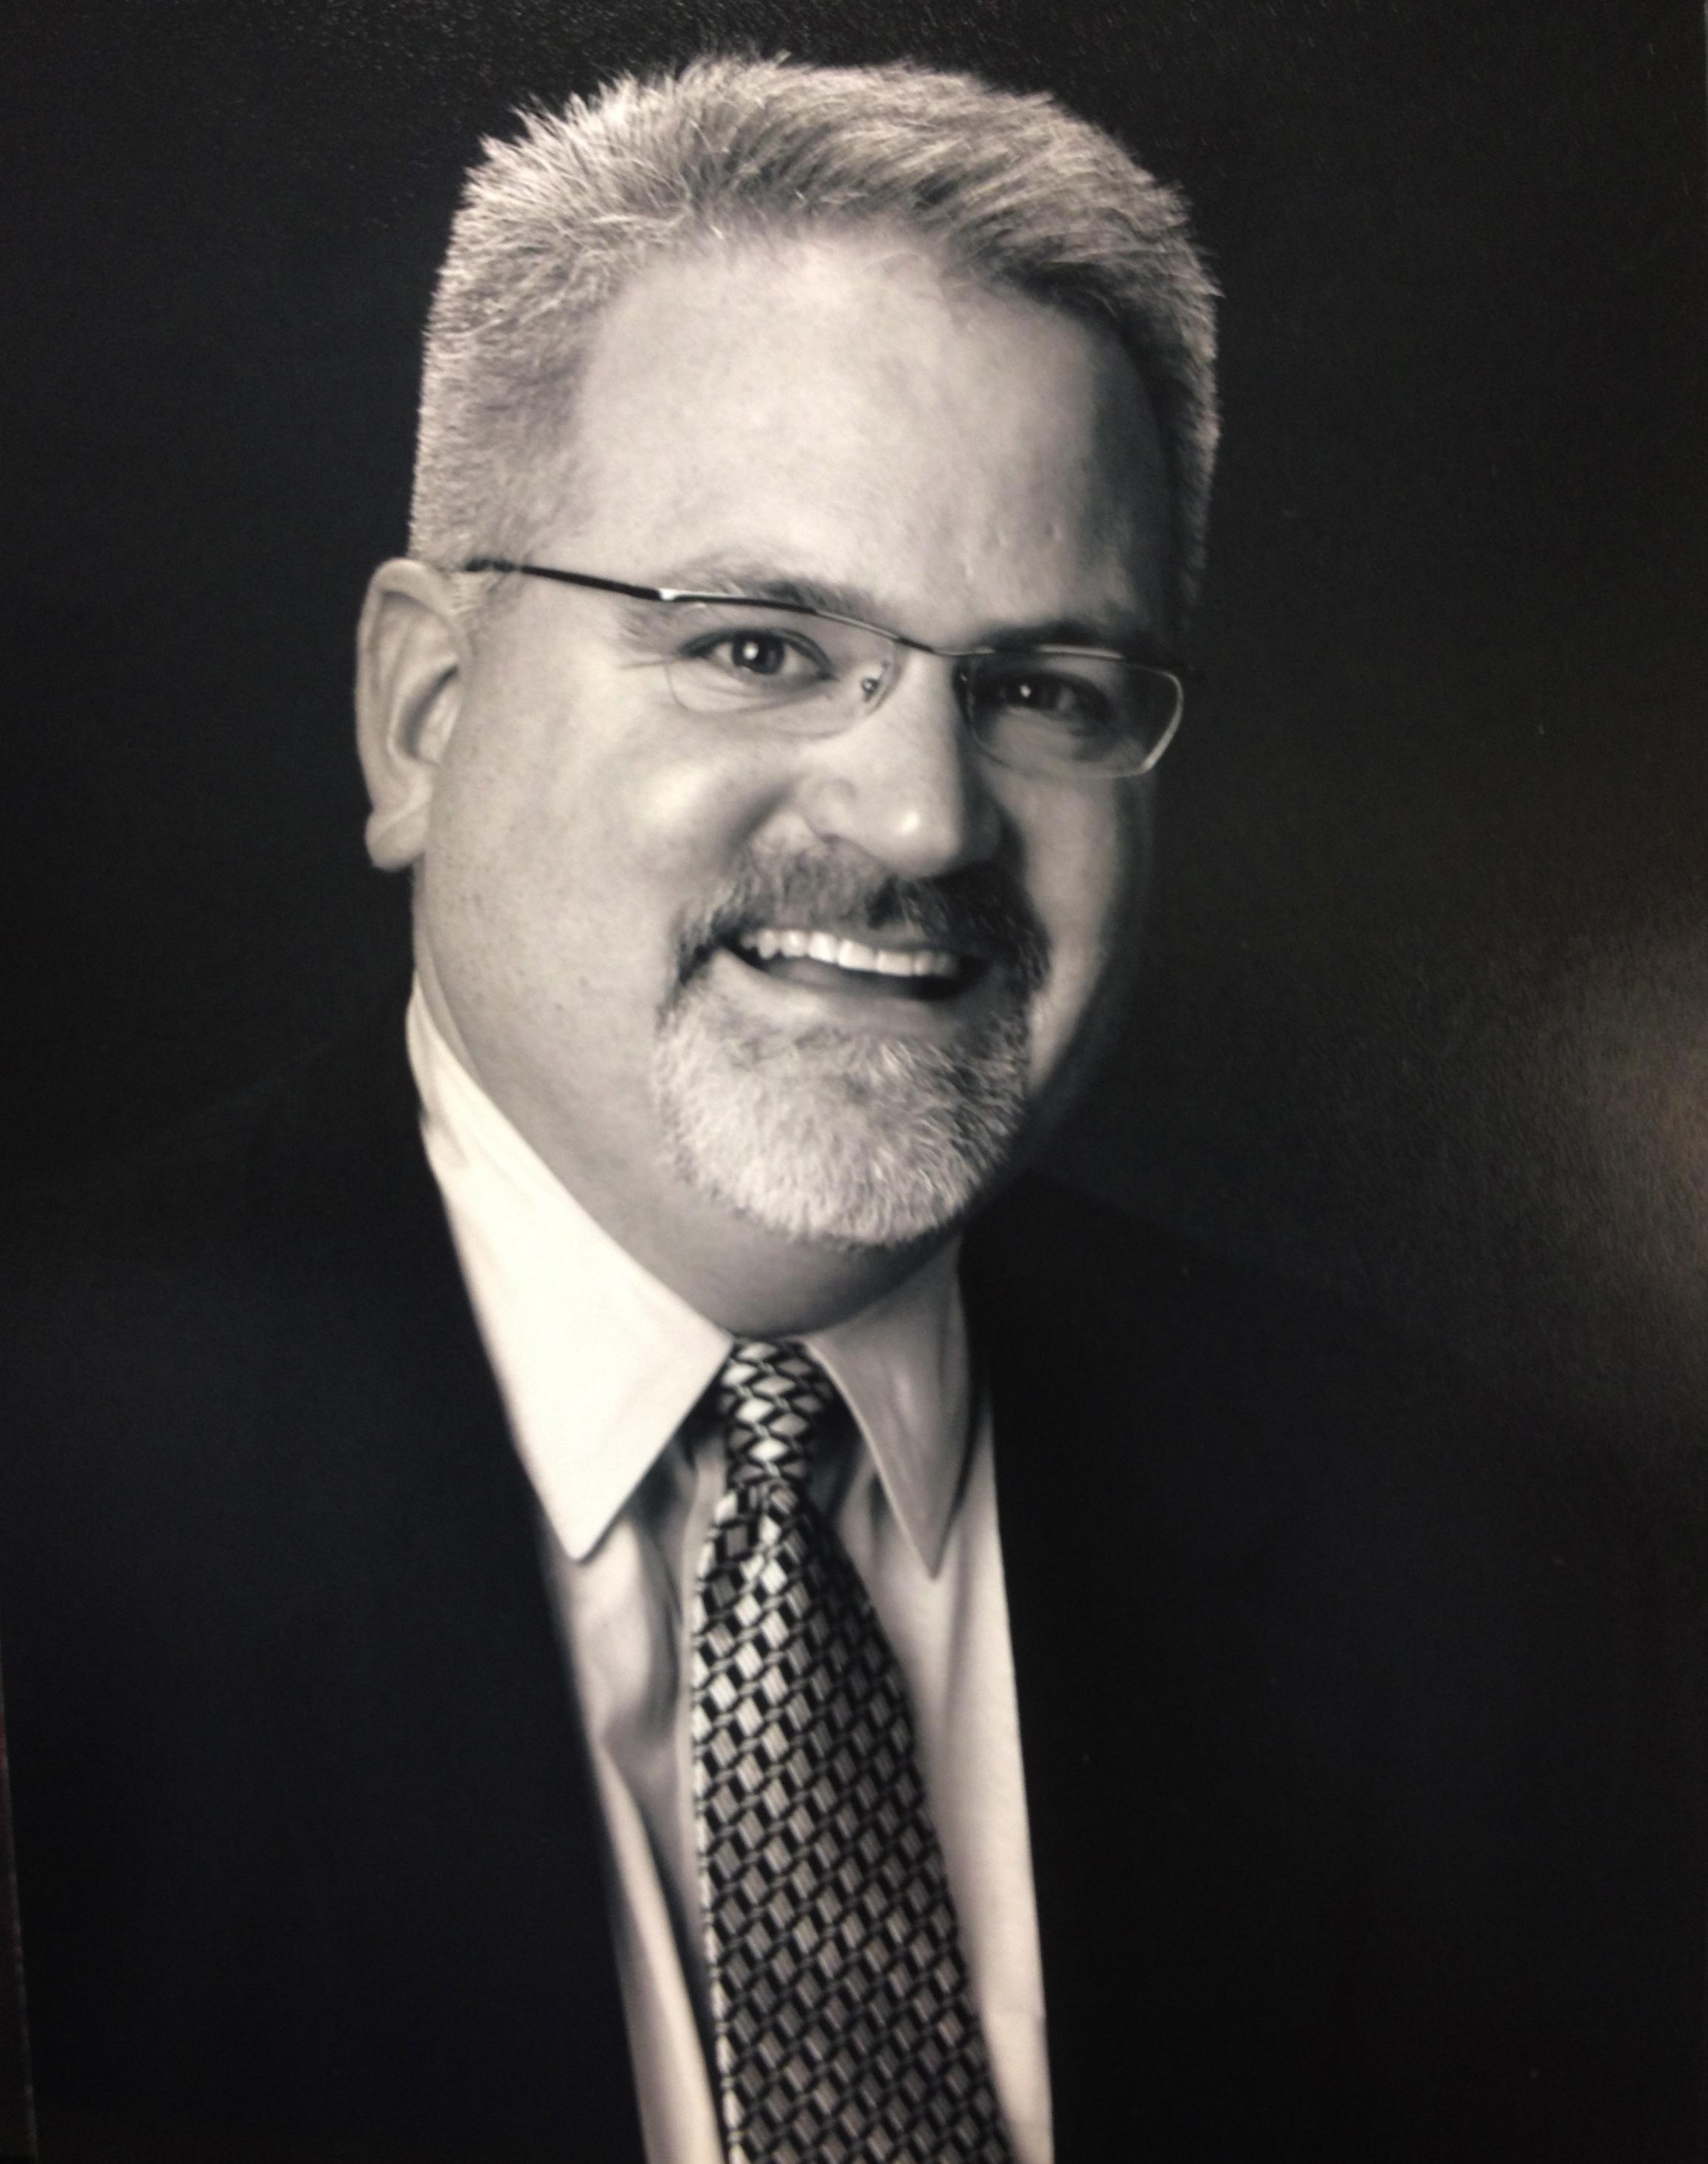 Paul Hamann '84